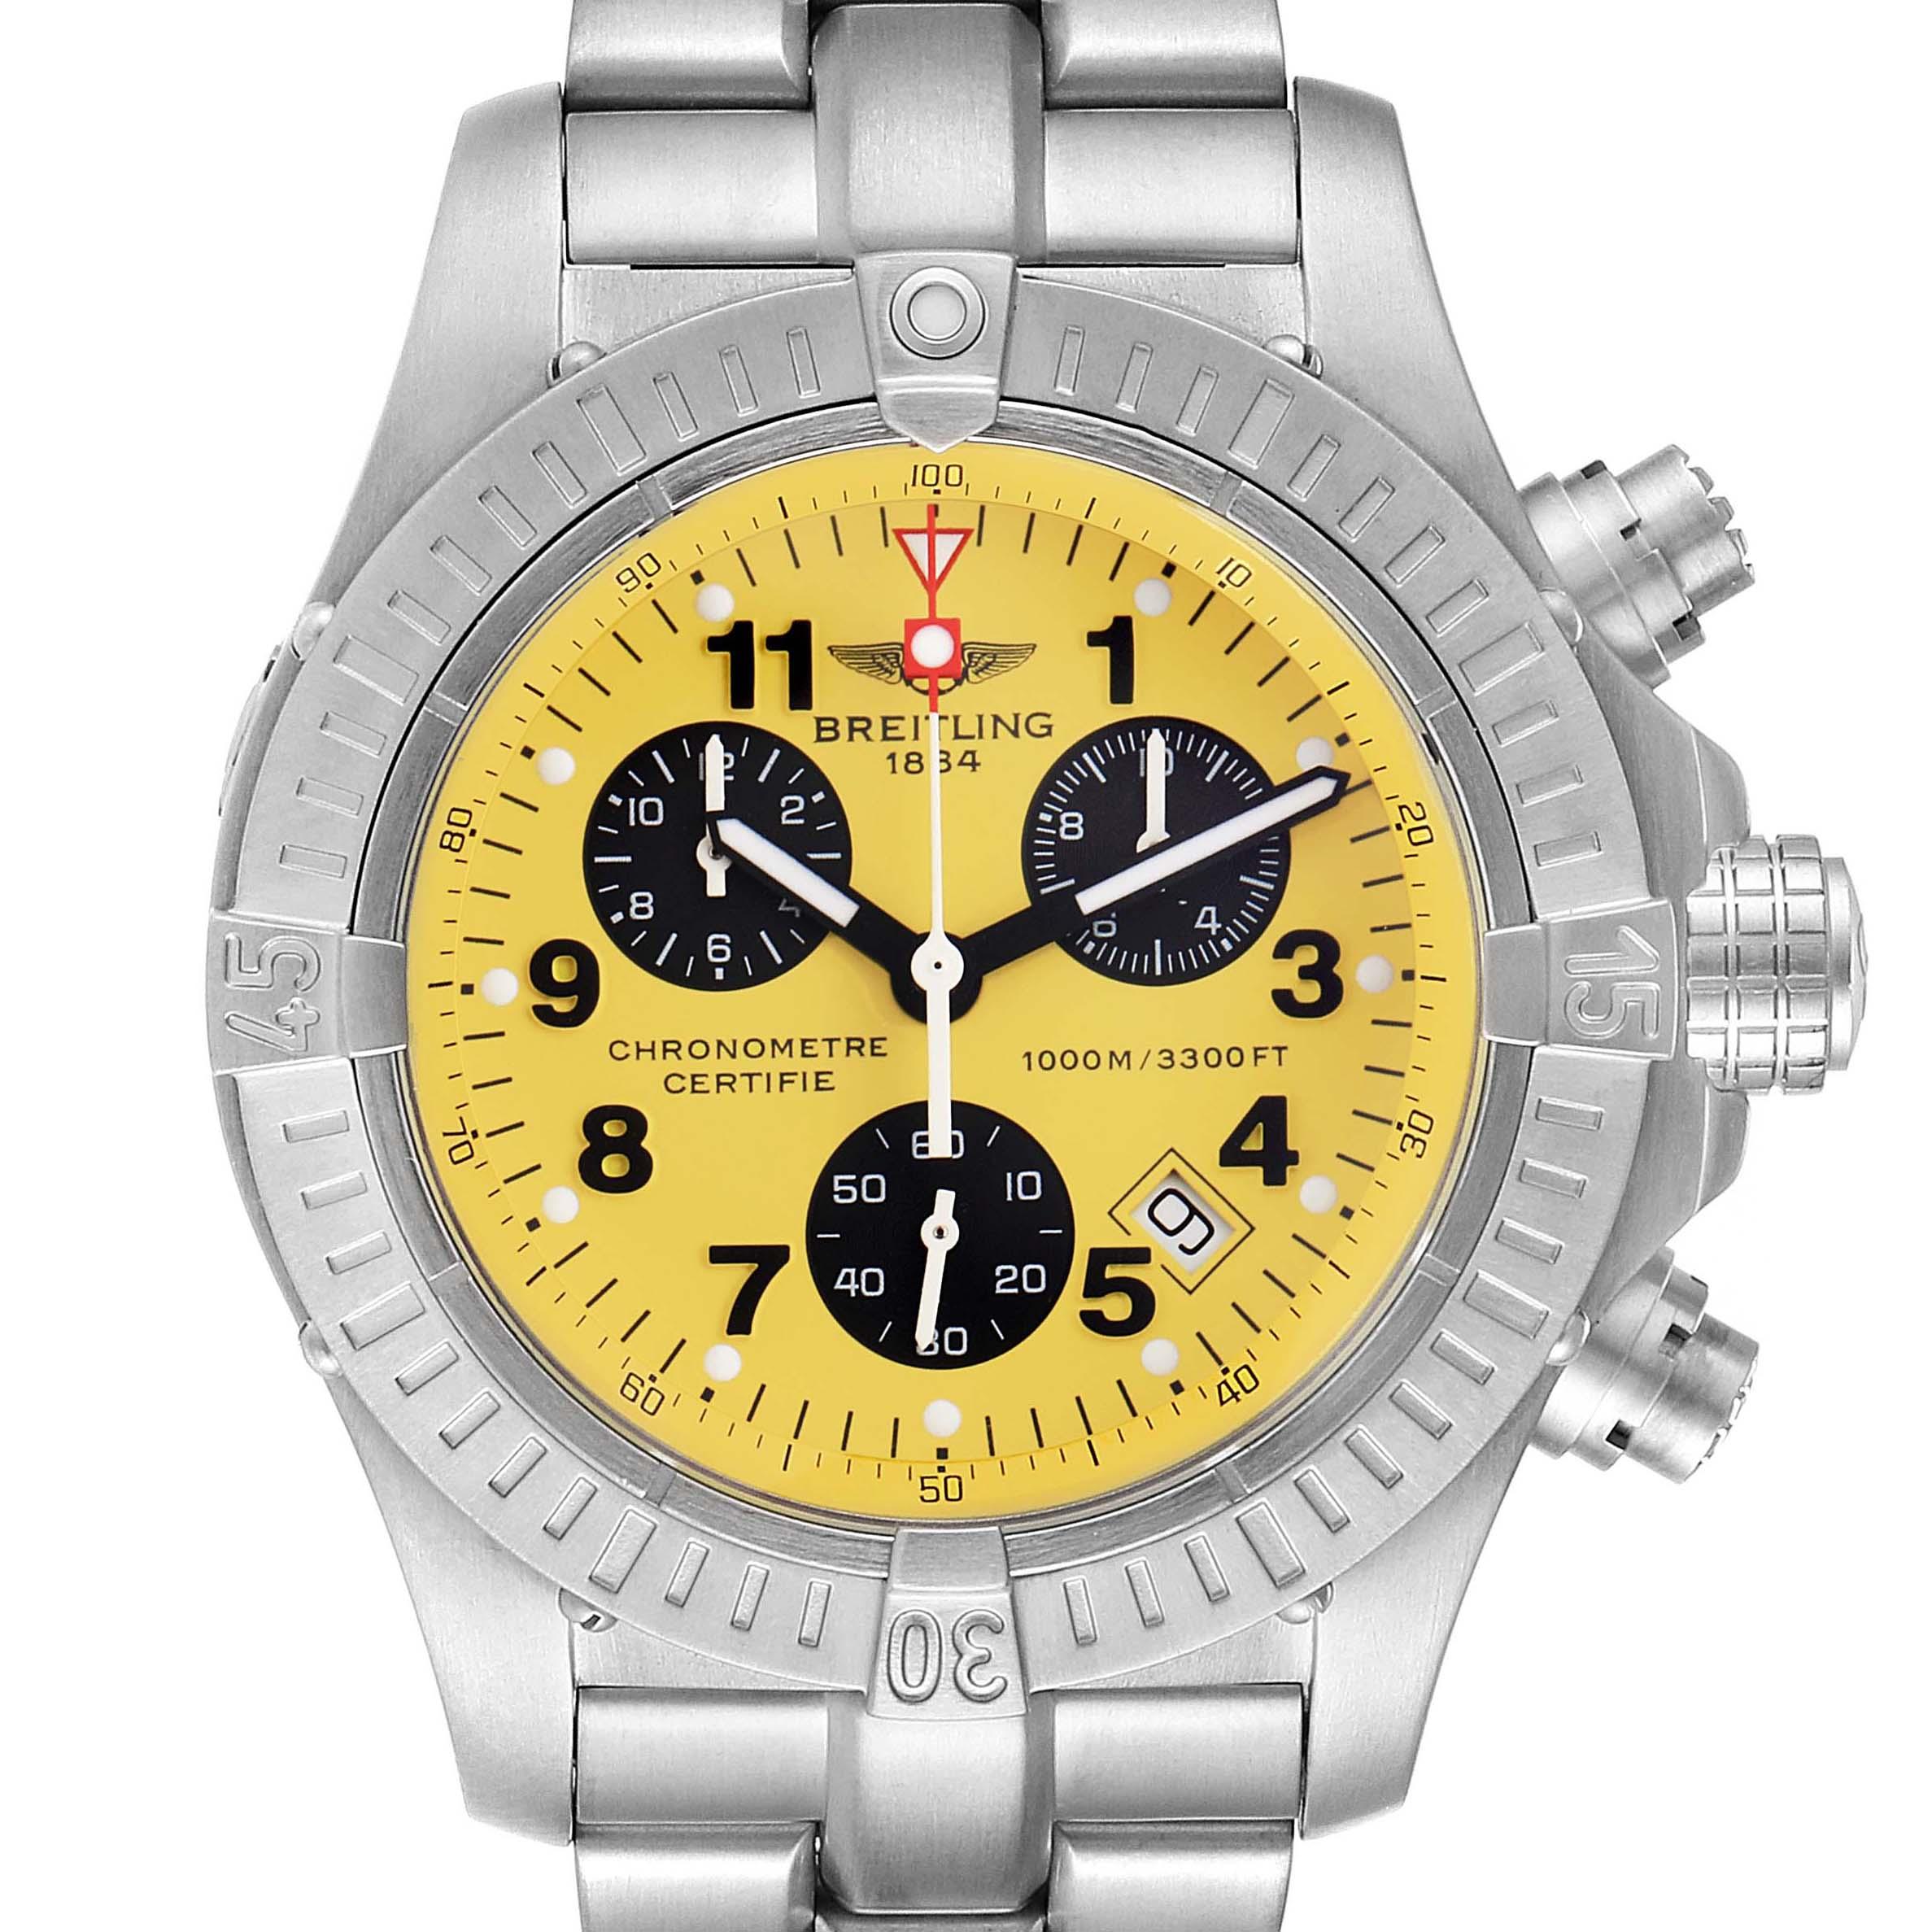 Photo of Breitling Aeromarine Chrono Avenger M1 Yellow Dial Titanium Watch E73360